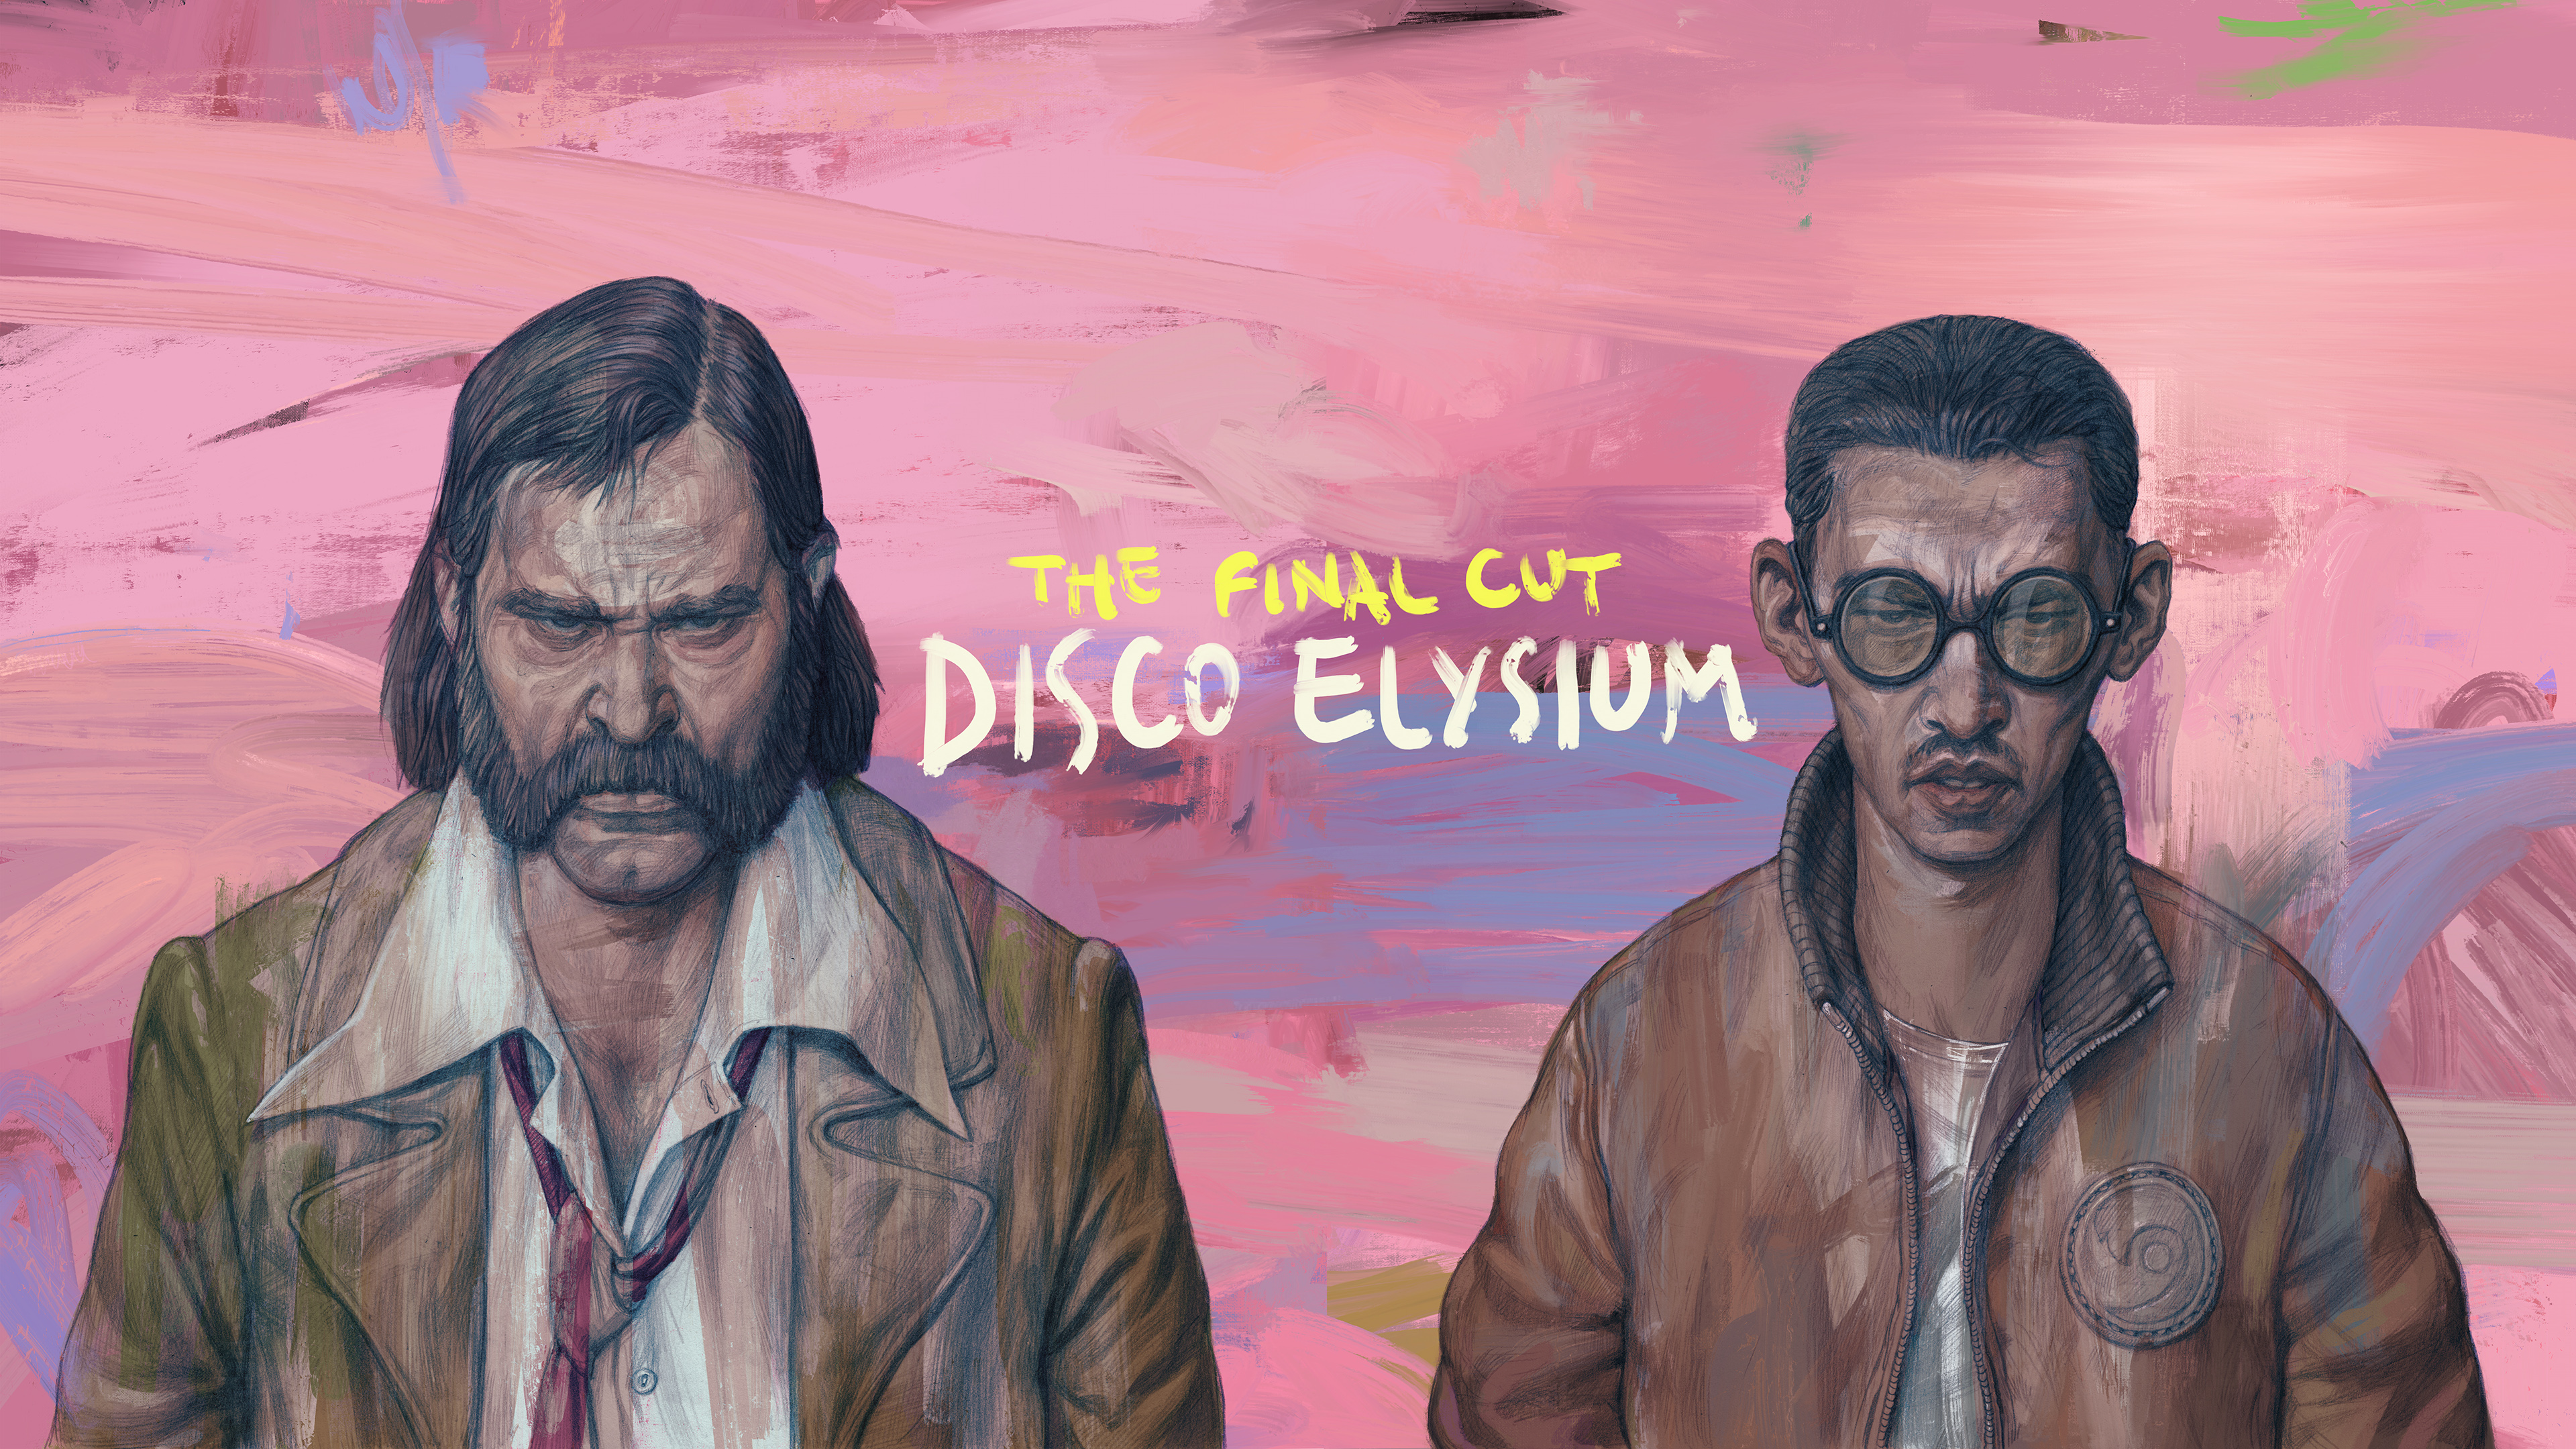 Состоялся выход долгожданной Disco Elysium: The Final Cut - улучшенная графика, новые задания и озвучка